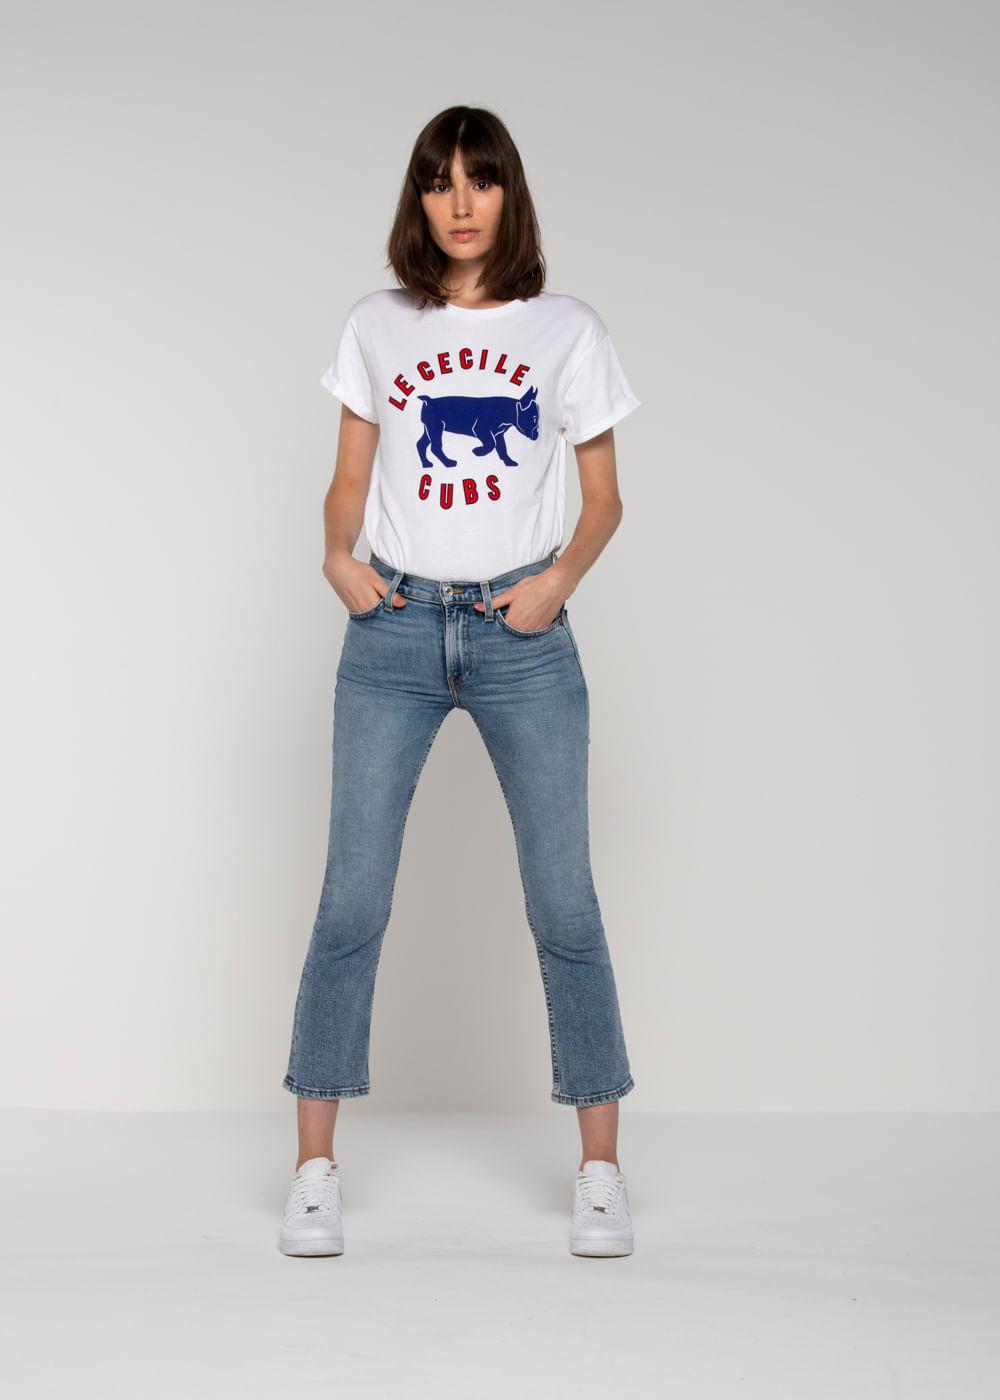 Camiseta De Algodão Cecile Cubs Branco Branca P